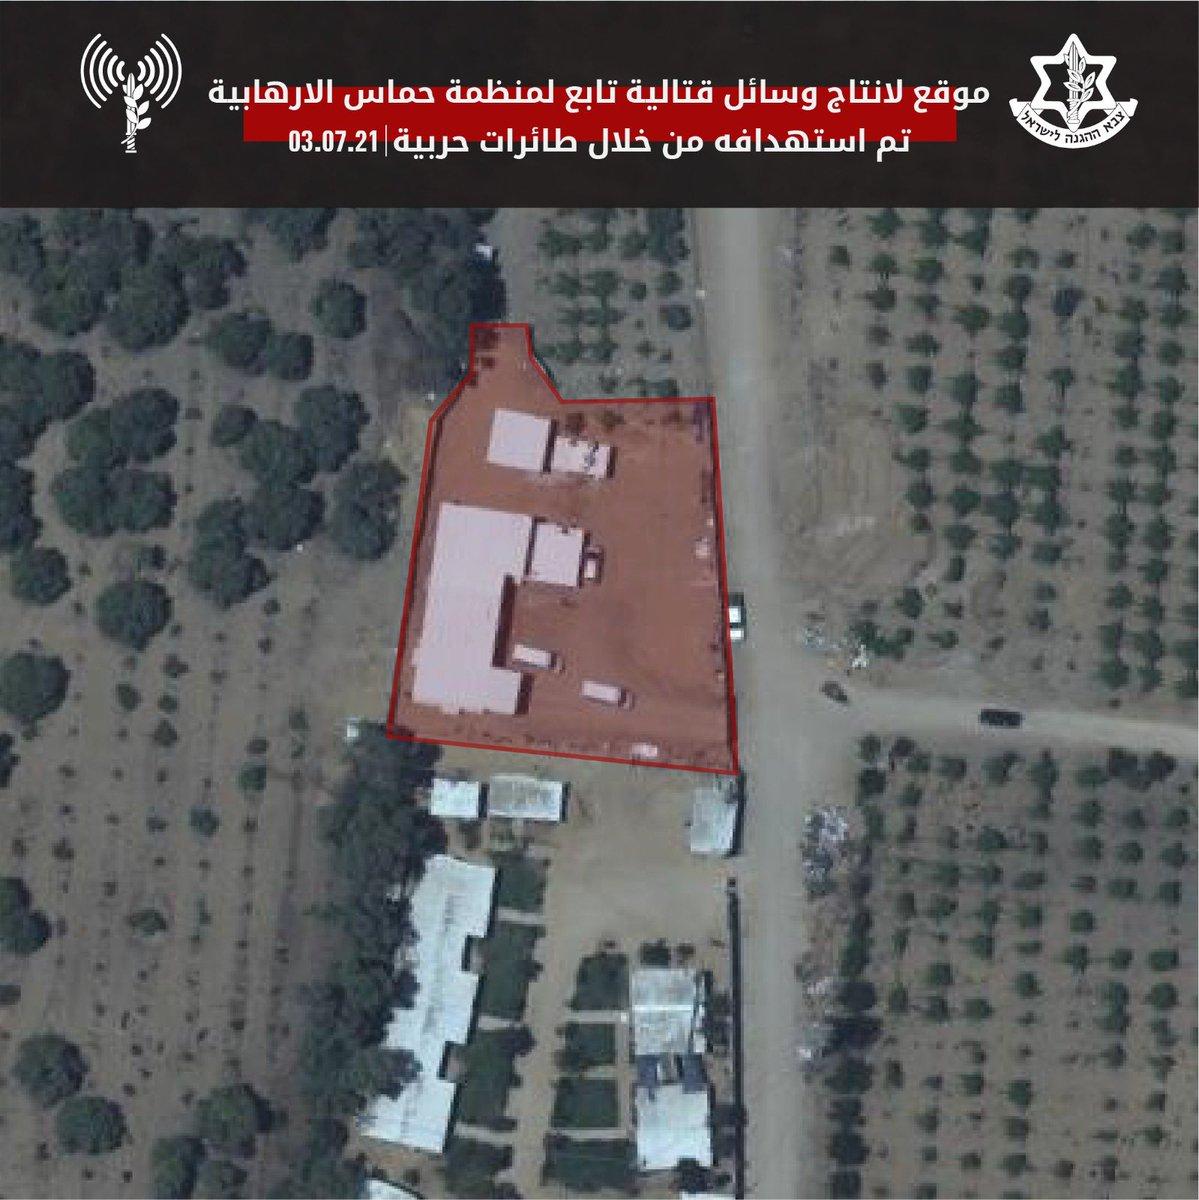 عاجل أغارت طائرات حربية قبل قليل على موقع لانتاج وسائل قتالية تابع لمنظمة حماس